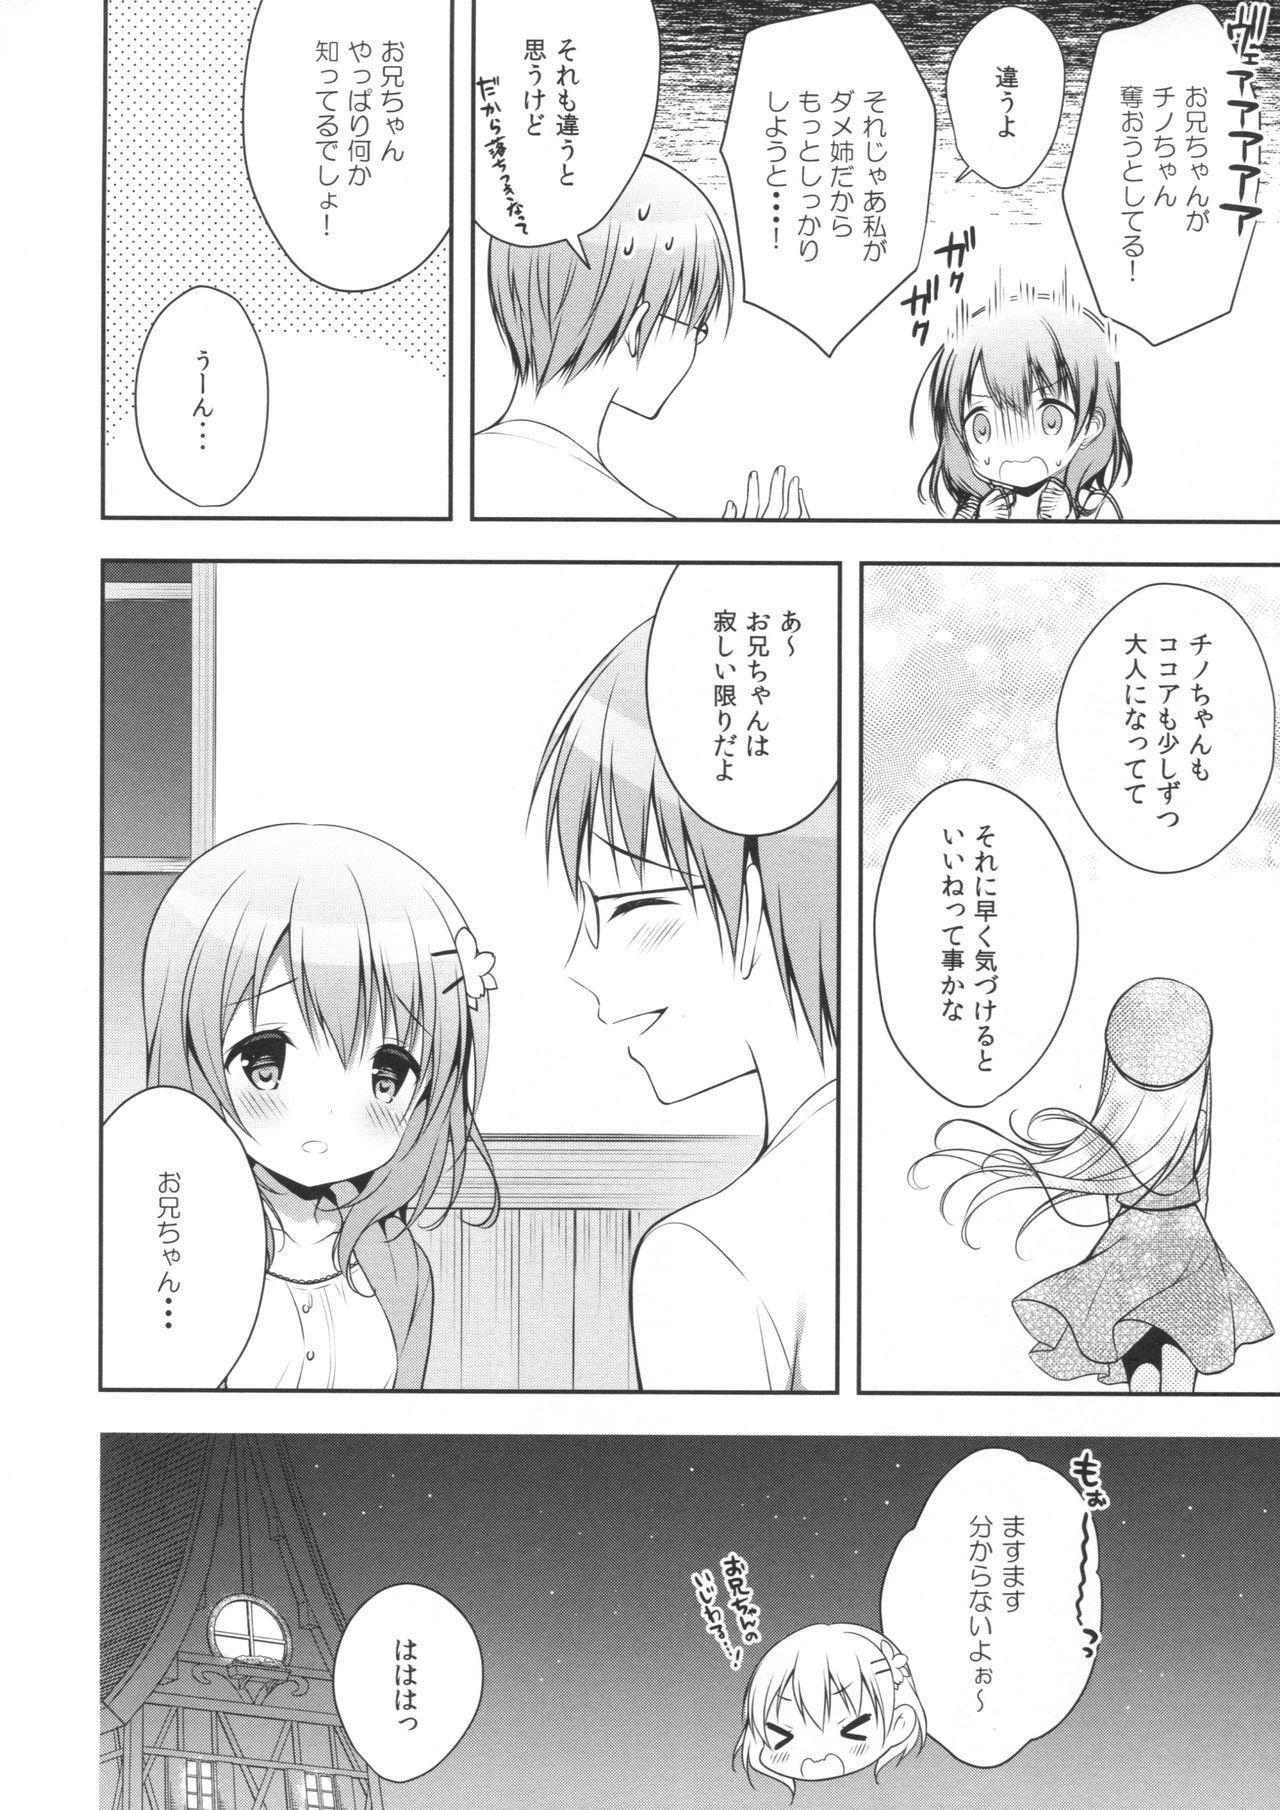 Chino-chan wa Goshuushin Kokoa√ 8